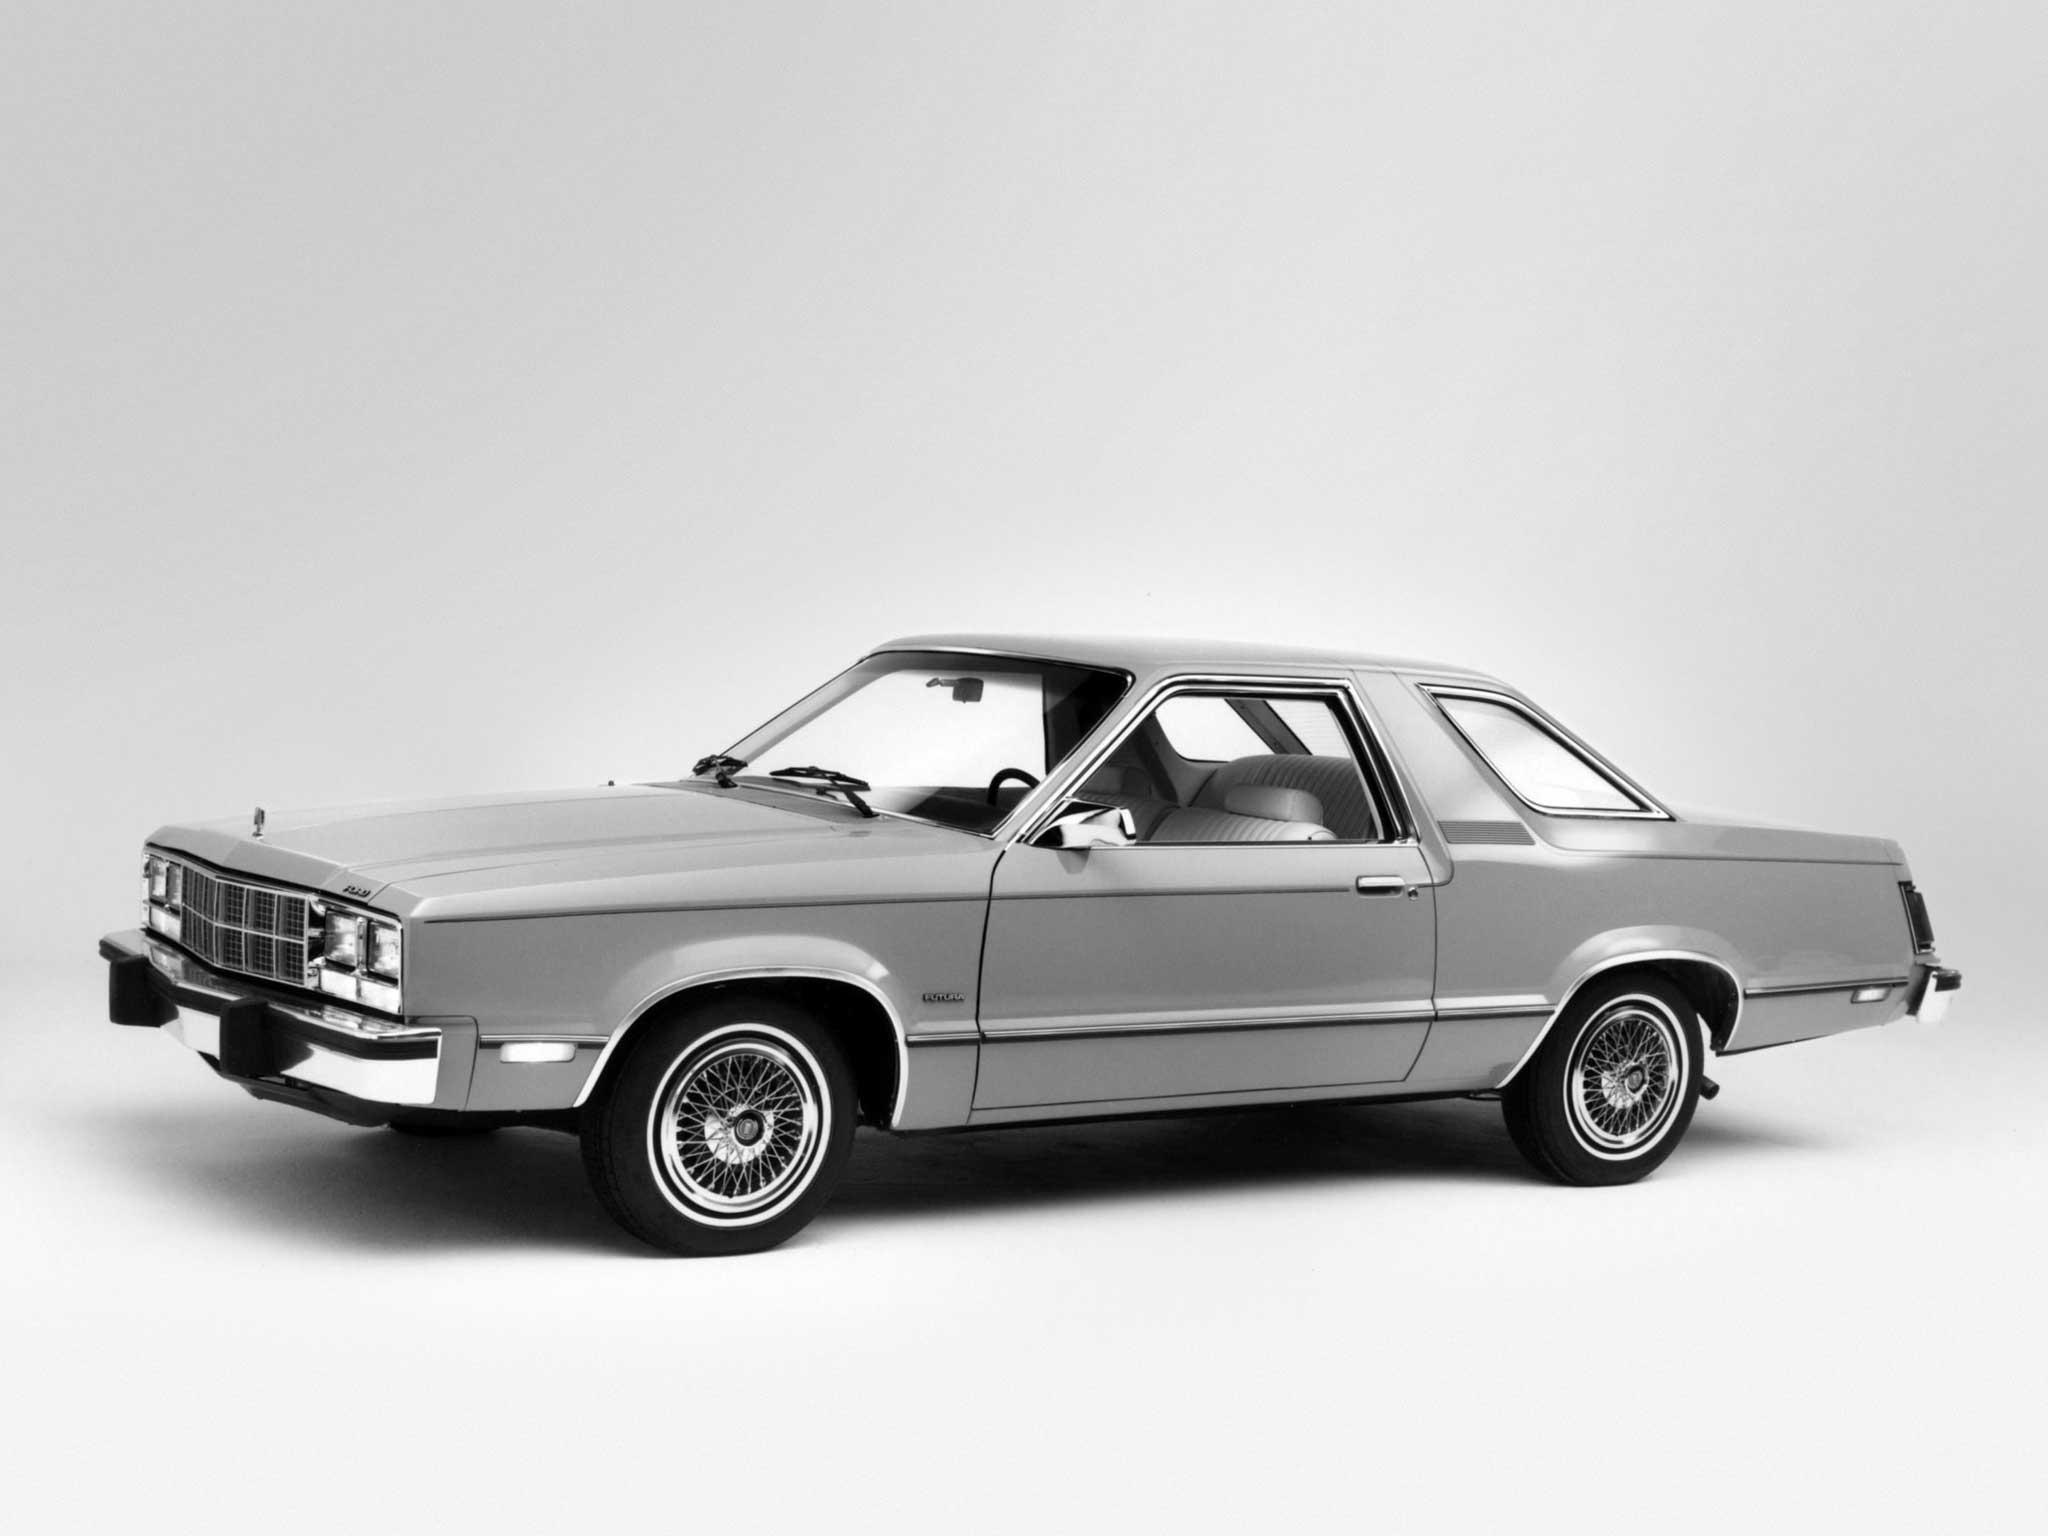 les plus belles photos de la Ford Fairmont Futura en version coupé et berline Ford_fairmont_futura_belle_photo_0002